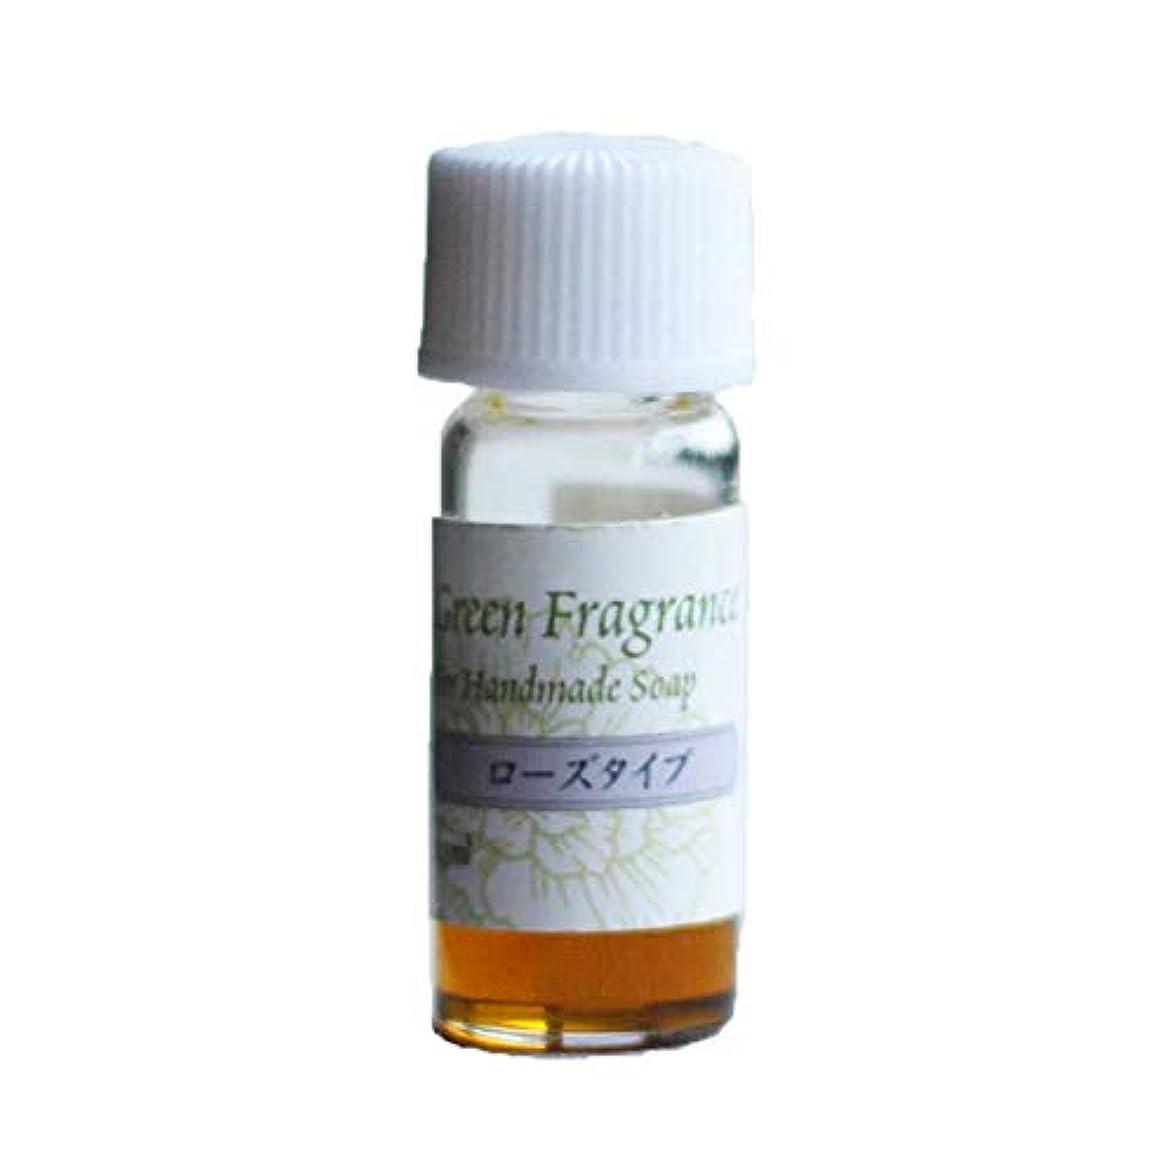 必要ないレスリング咳ブレンド精油/ローズタイプ/手作り石けん用 2.5ml/100%天然